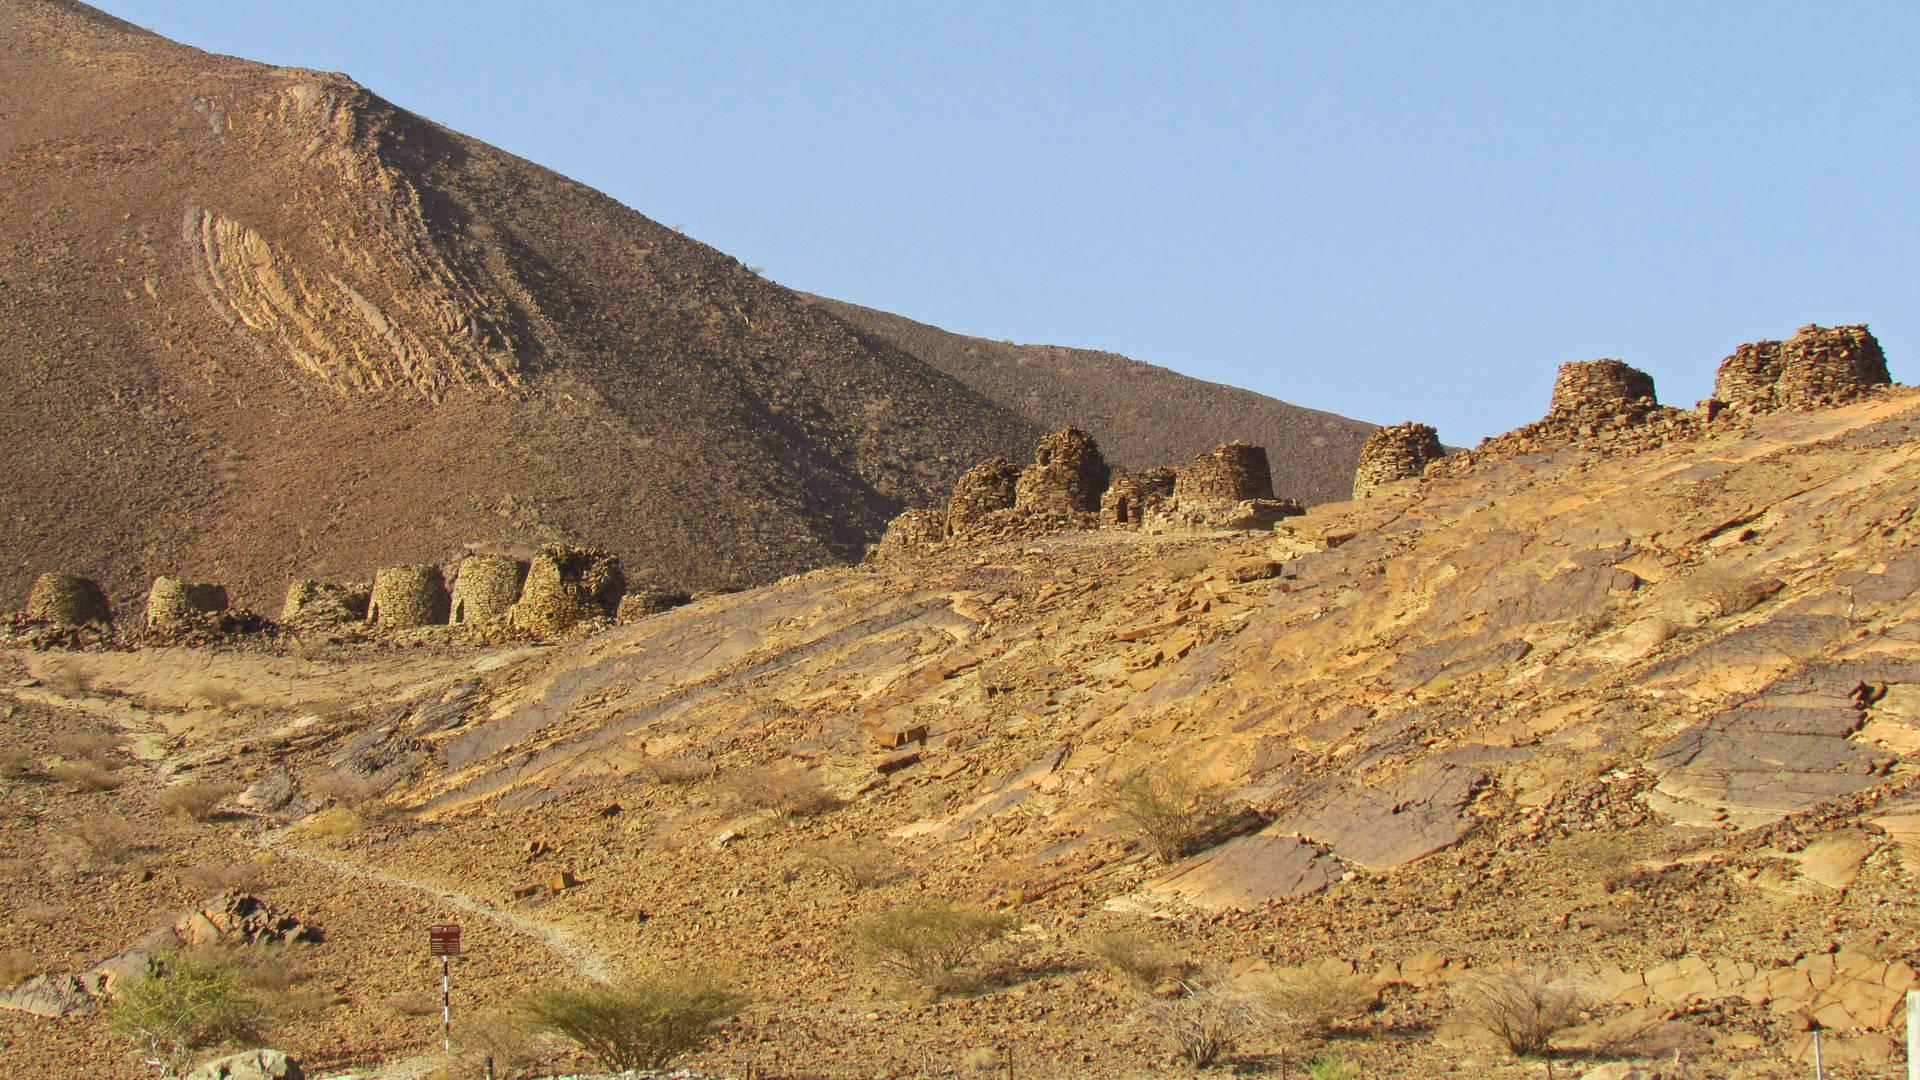 De 'beehive tombs' in Al Ayn